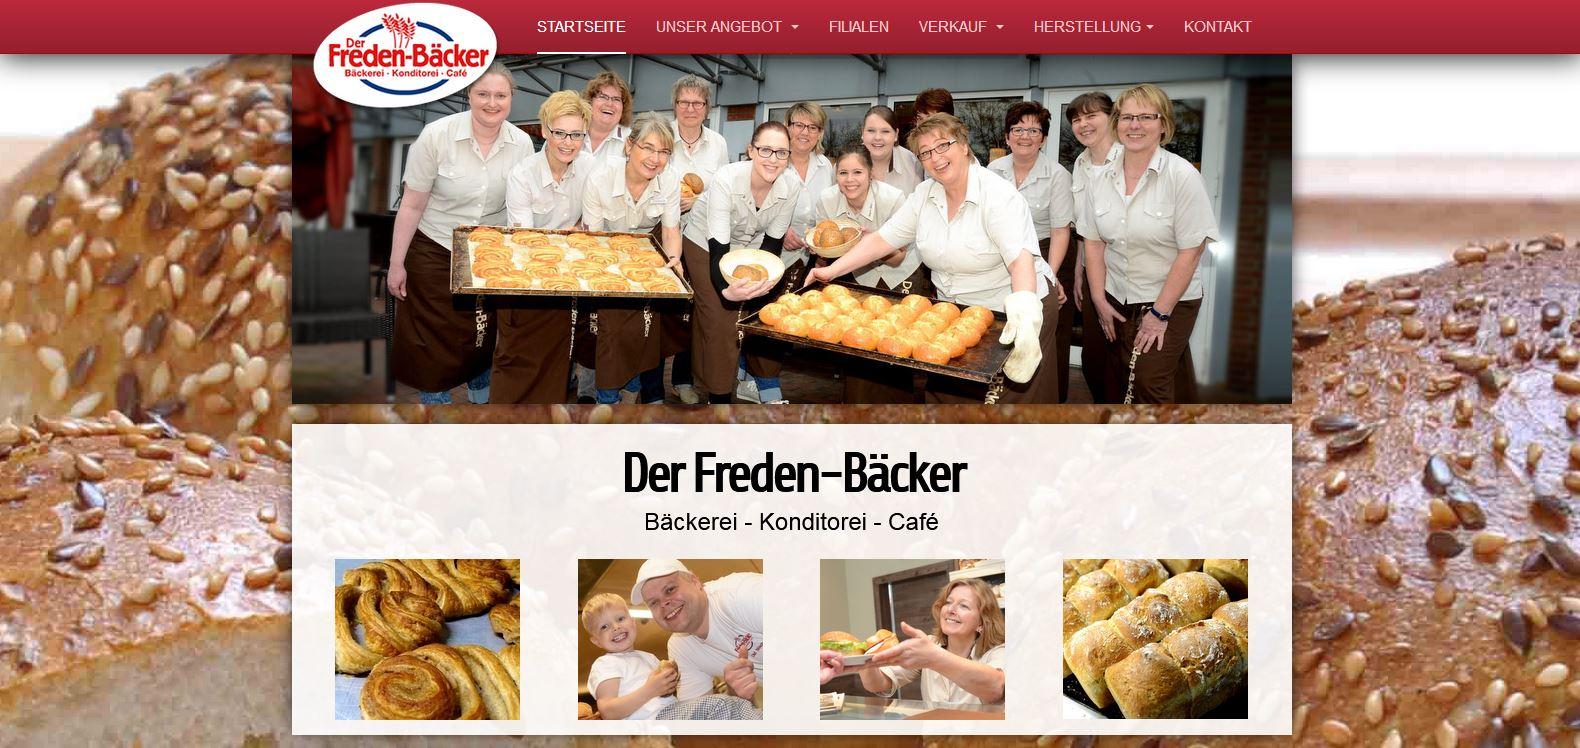 Der Freden-Bäcker - Bäckerei, Konditorei und Café in Fredenbeck.